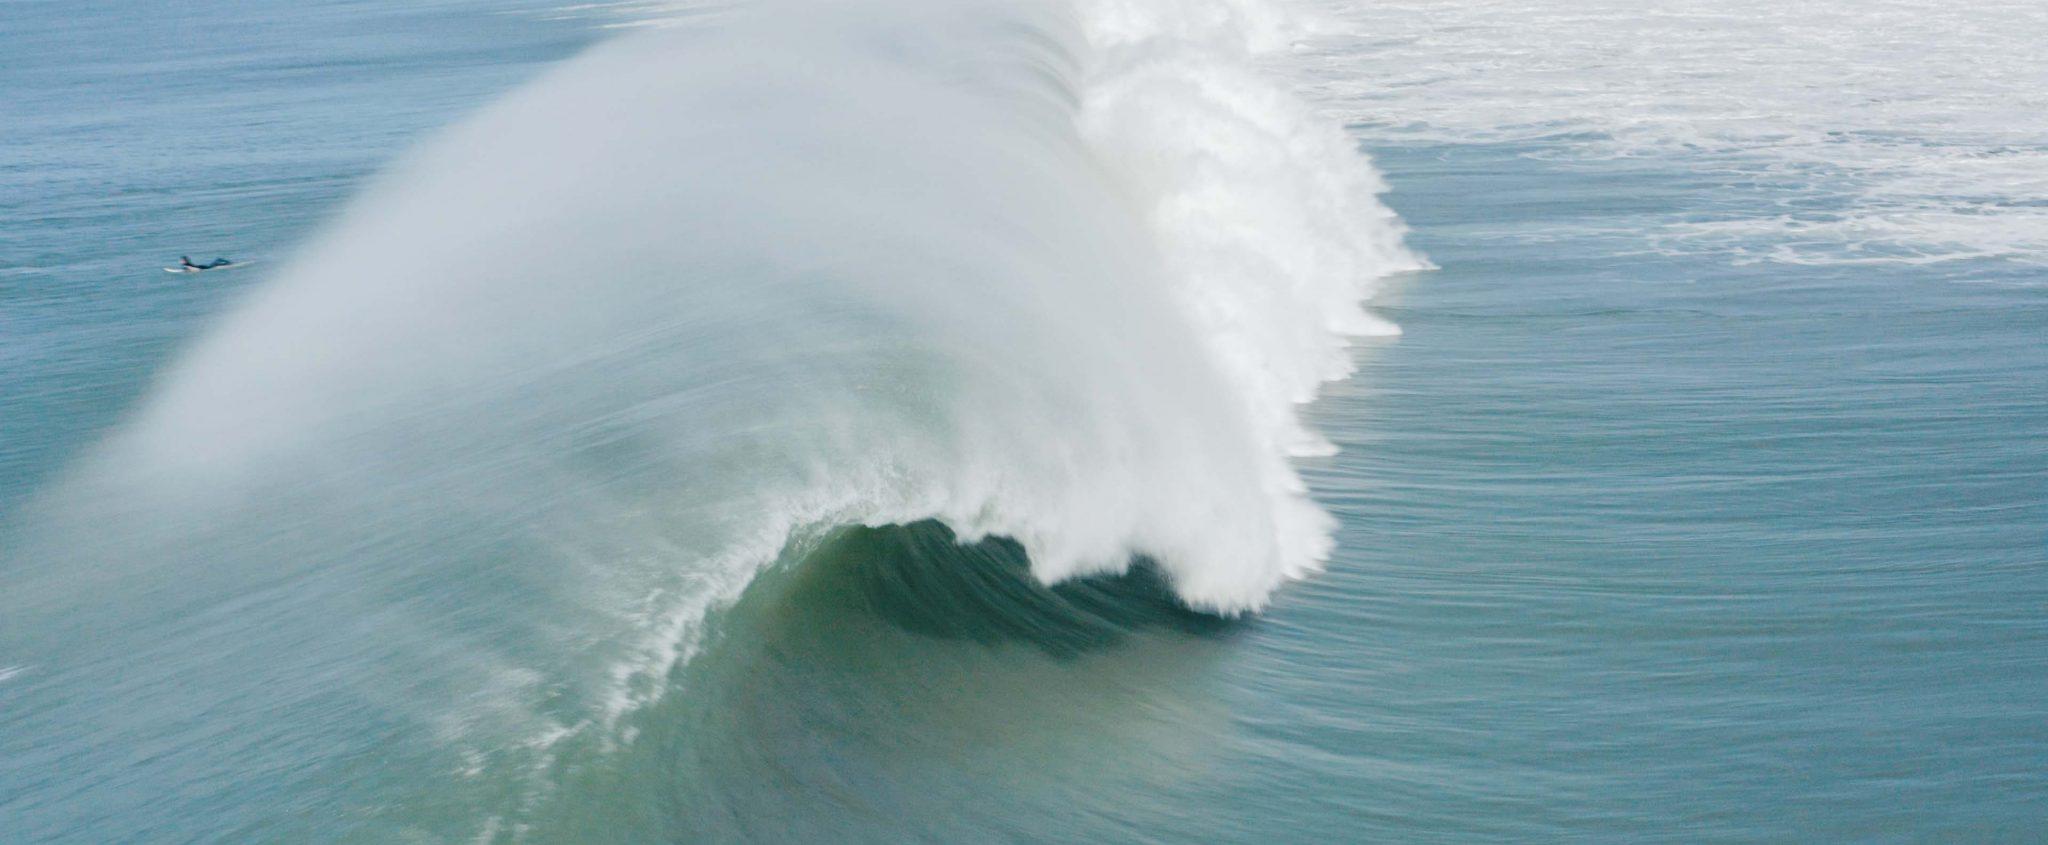 prises-de-vues-aeriennes-surf-drone-pierre-frechou-mringalss-films-pays-basque